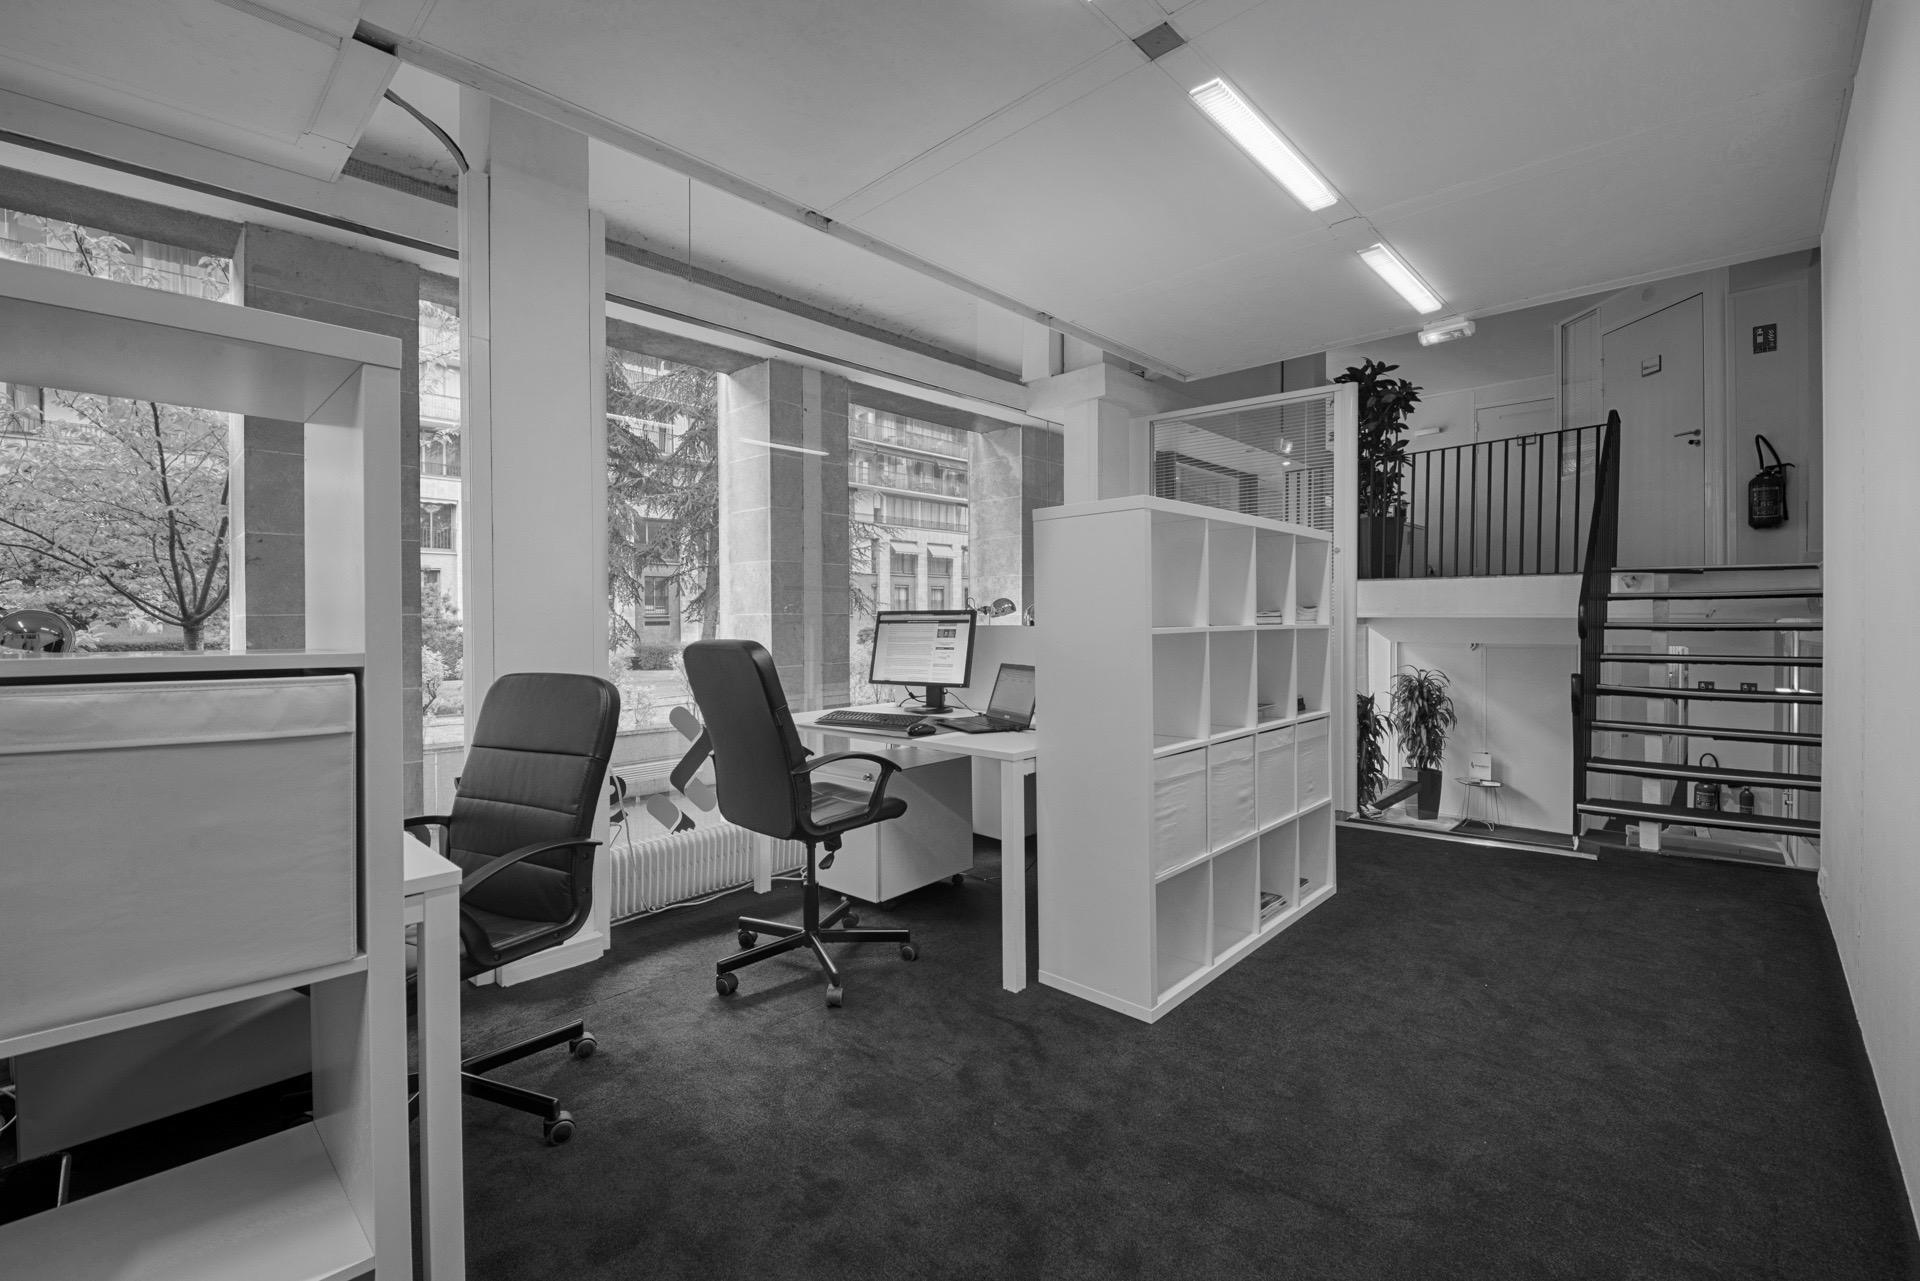 Espaces de bureaux privatifs bureaux partagés coworking workspace